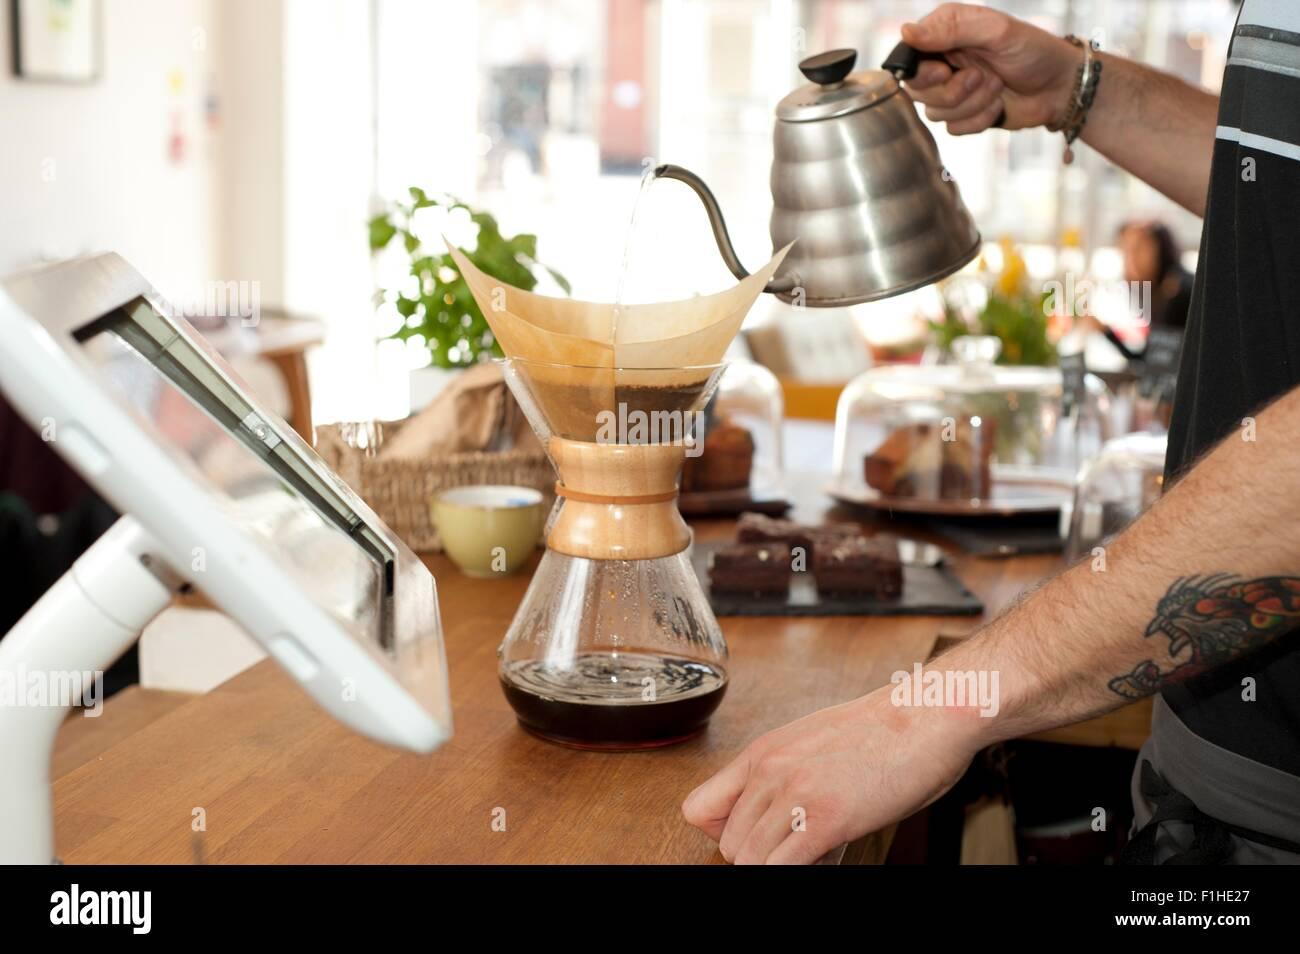 Mains de cafe waiter pouring de l'eau bouillante dans la cafetière filtre Photo Stock